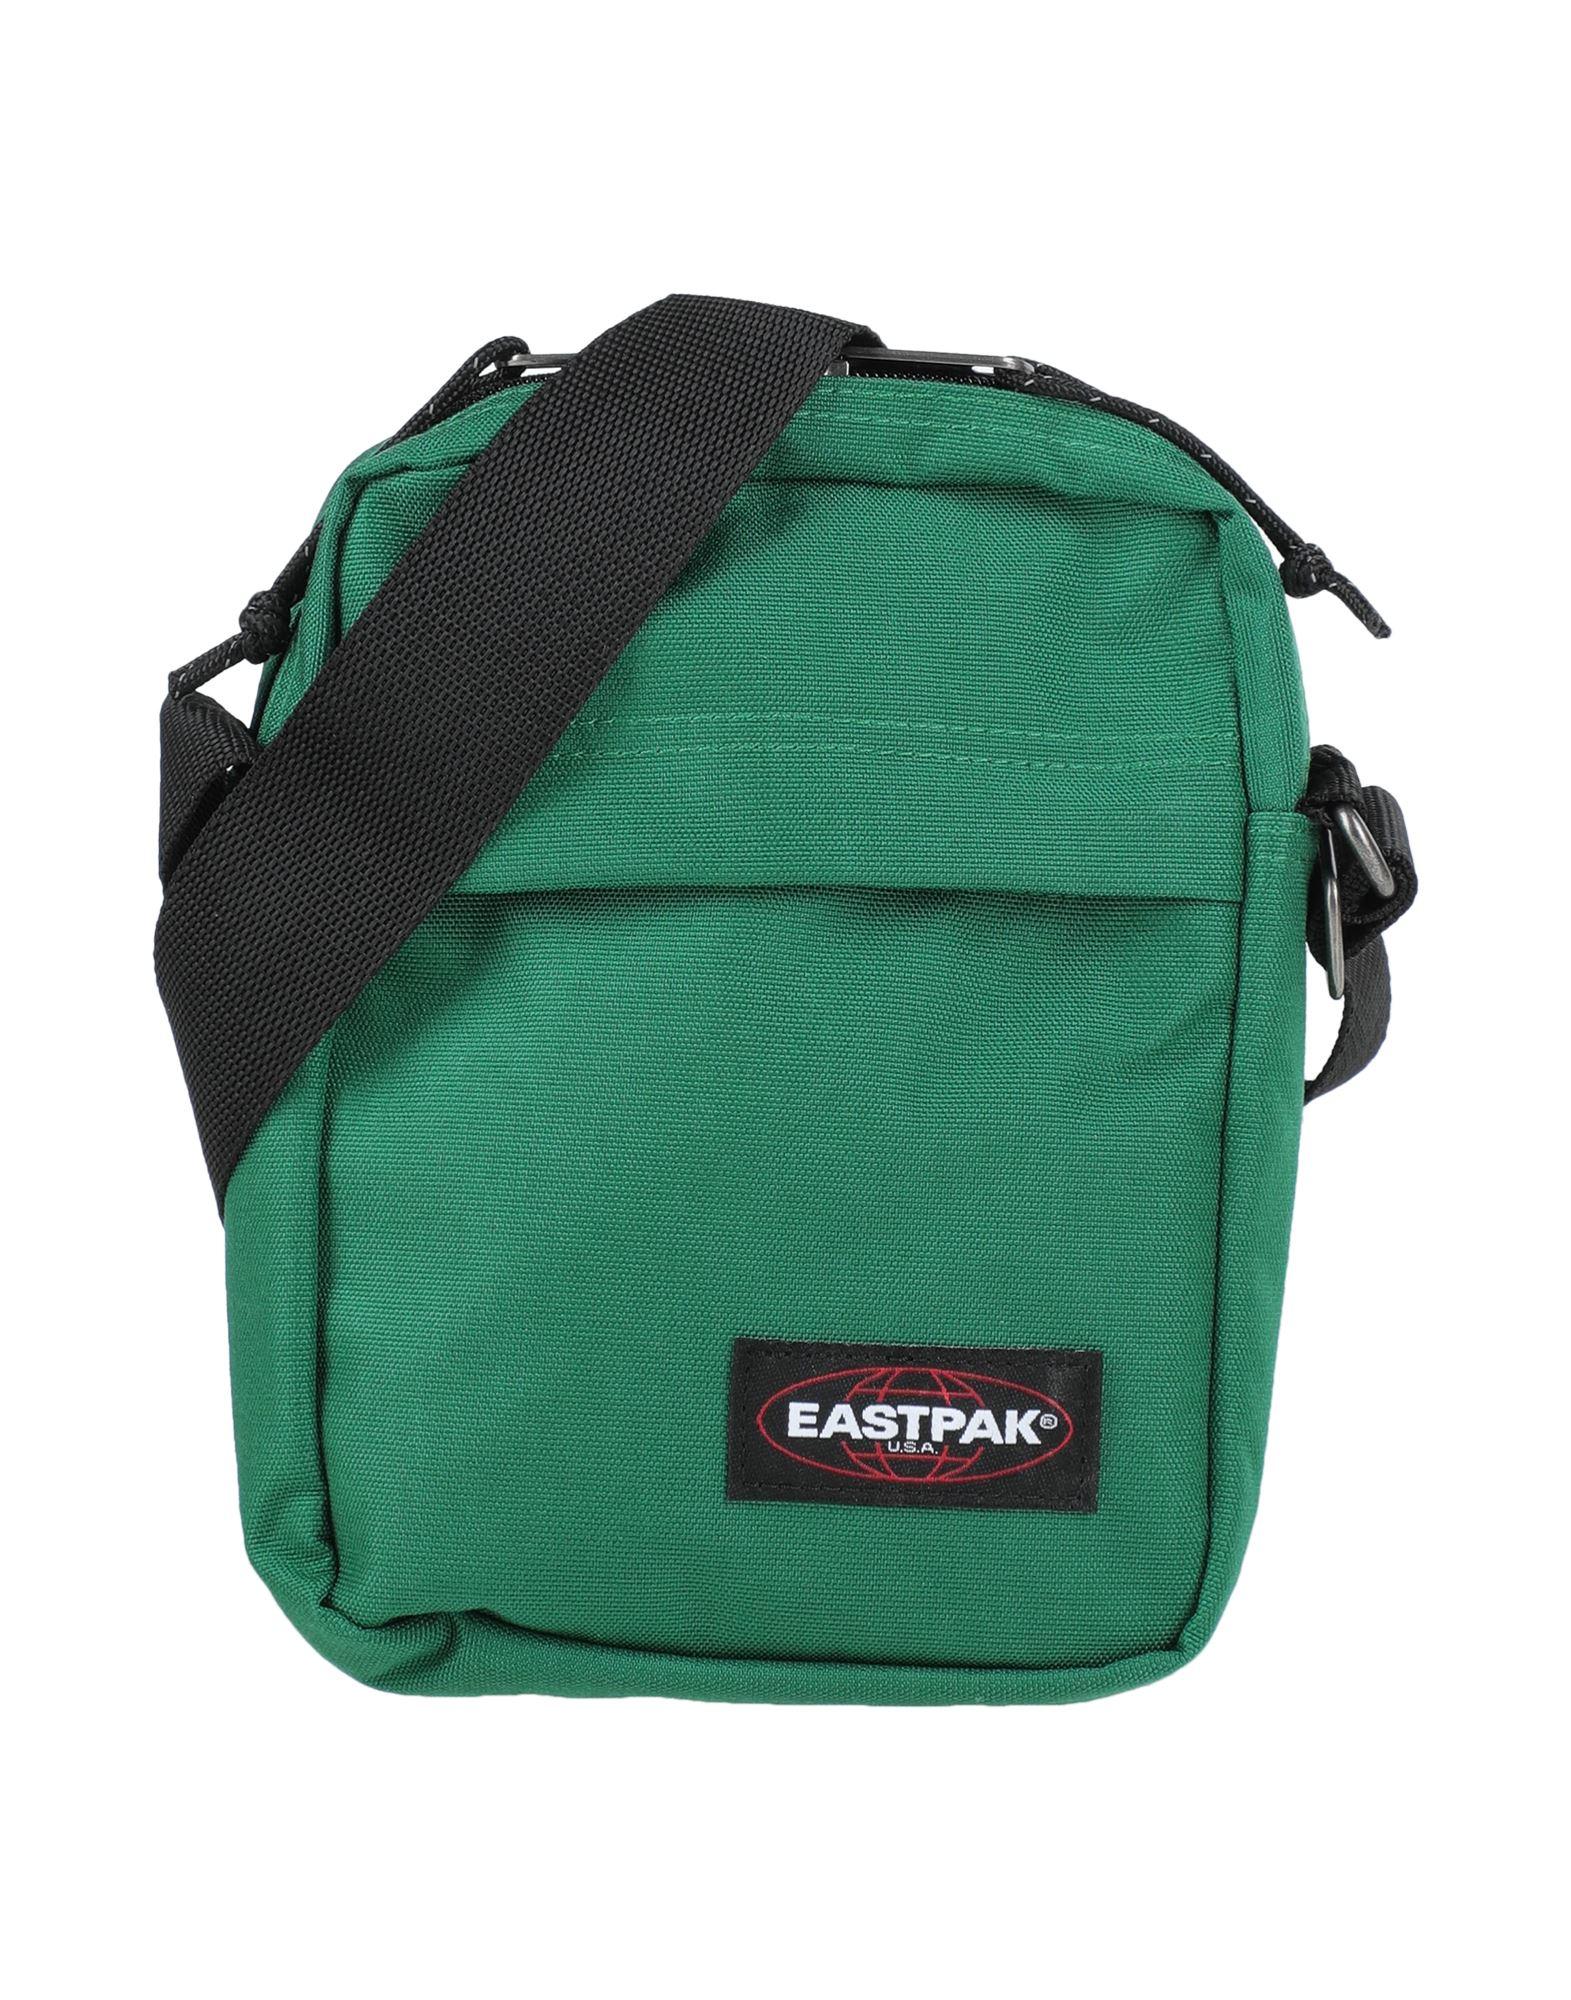 《セール開催中》EASTPAK メンズ メッセンジャーバッグ グリーン ナイロン 100%